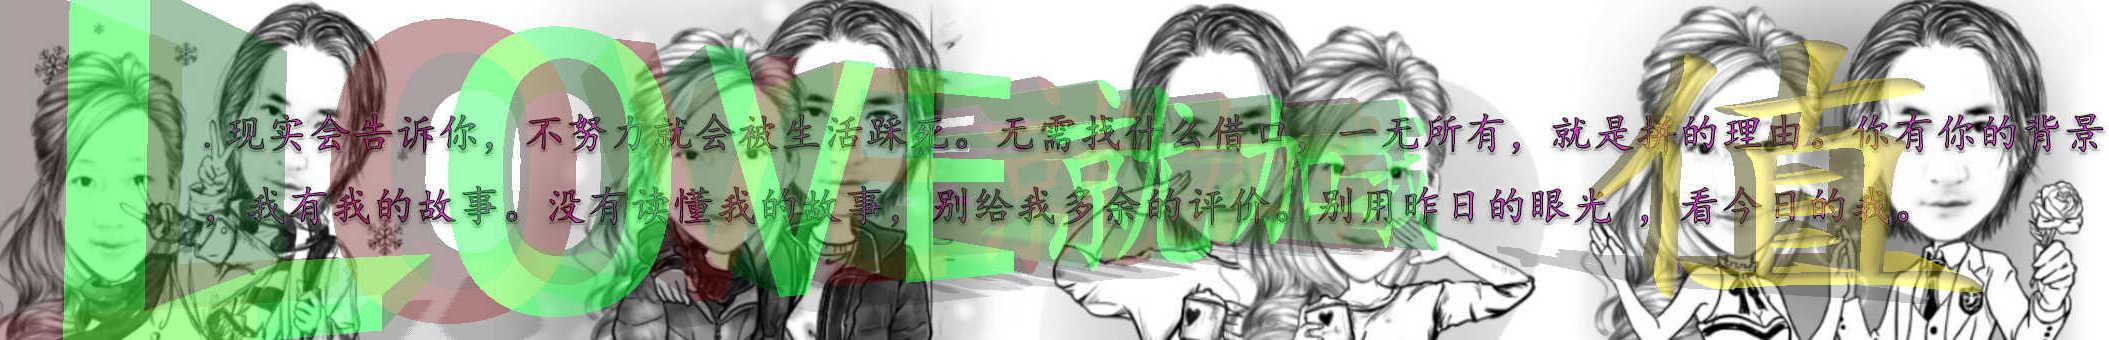 用户_945263 banner